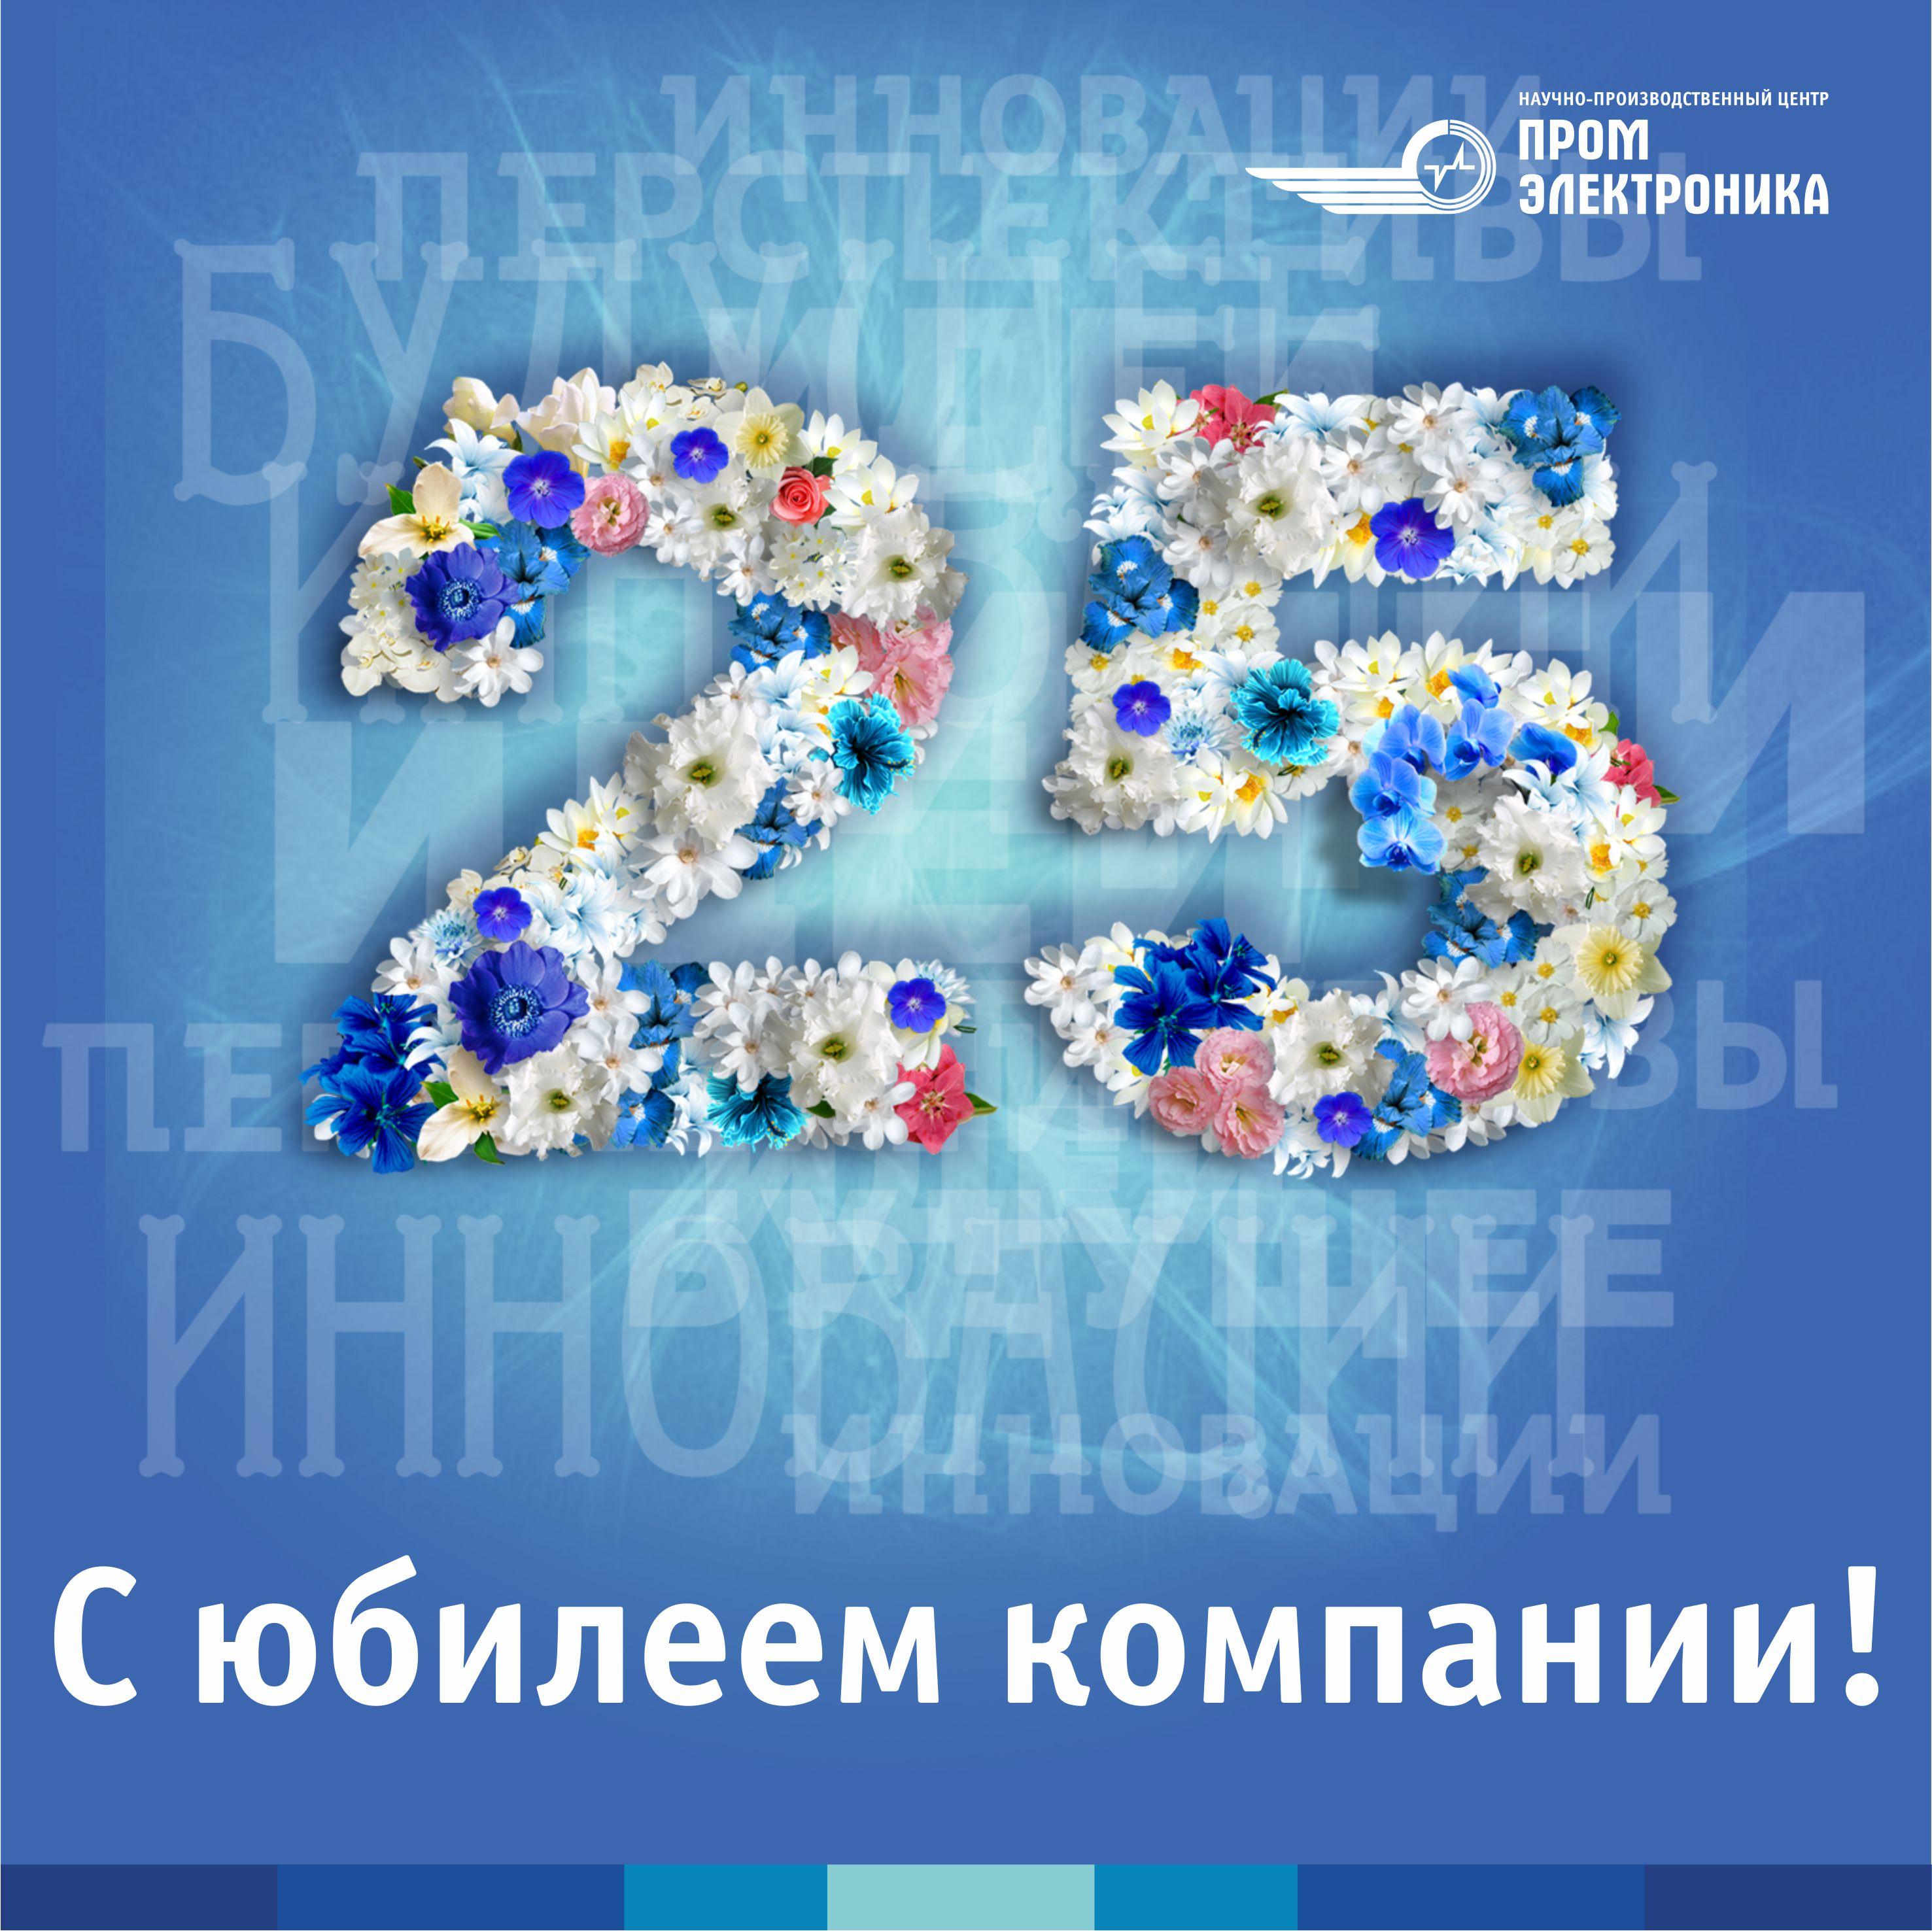 Поздравления к 25 летию компании